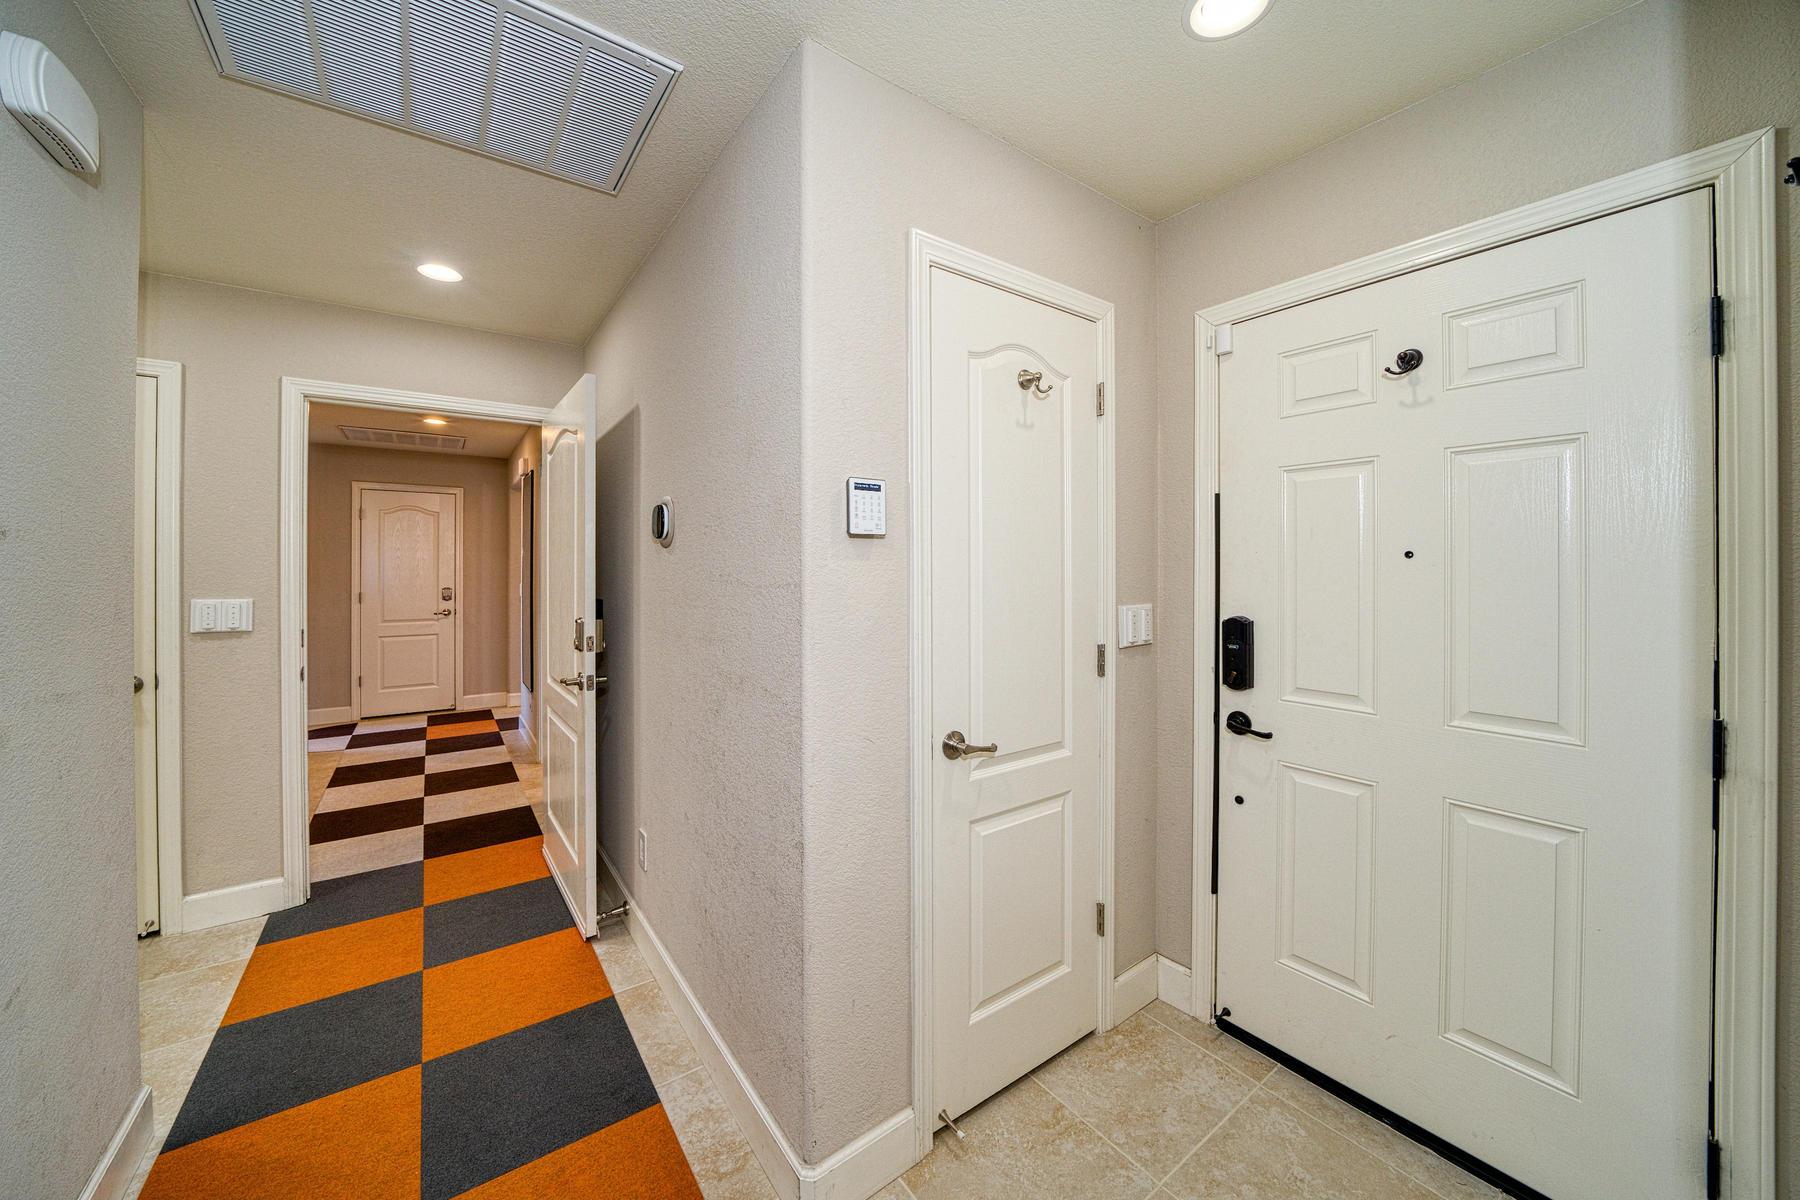 Additional photo for property listing at 6499 Cone Peak Drive, Carson City, NV 89701 6499 Cone Peak Drive Carson City, Nevada 89701 Estados Unidos